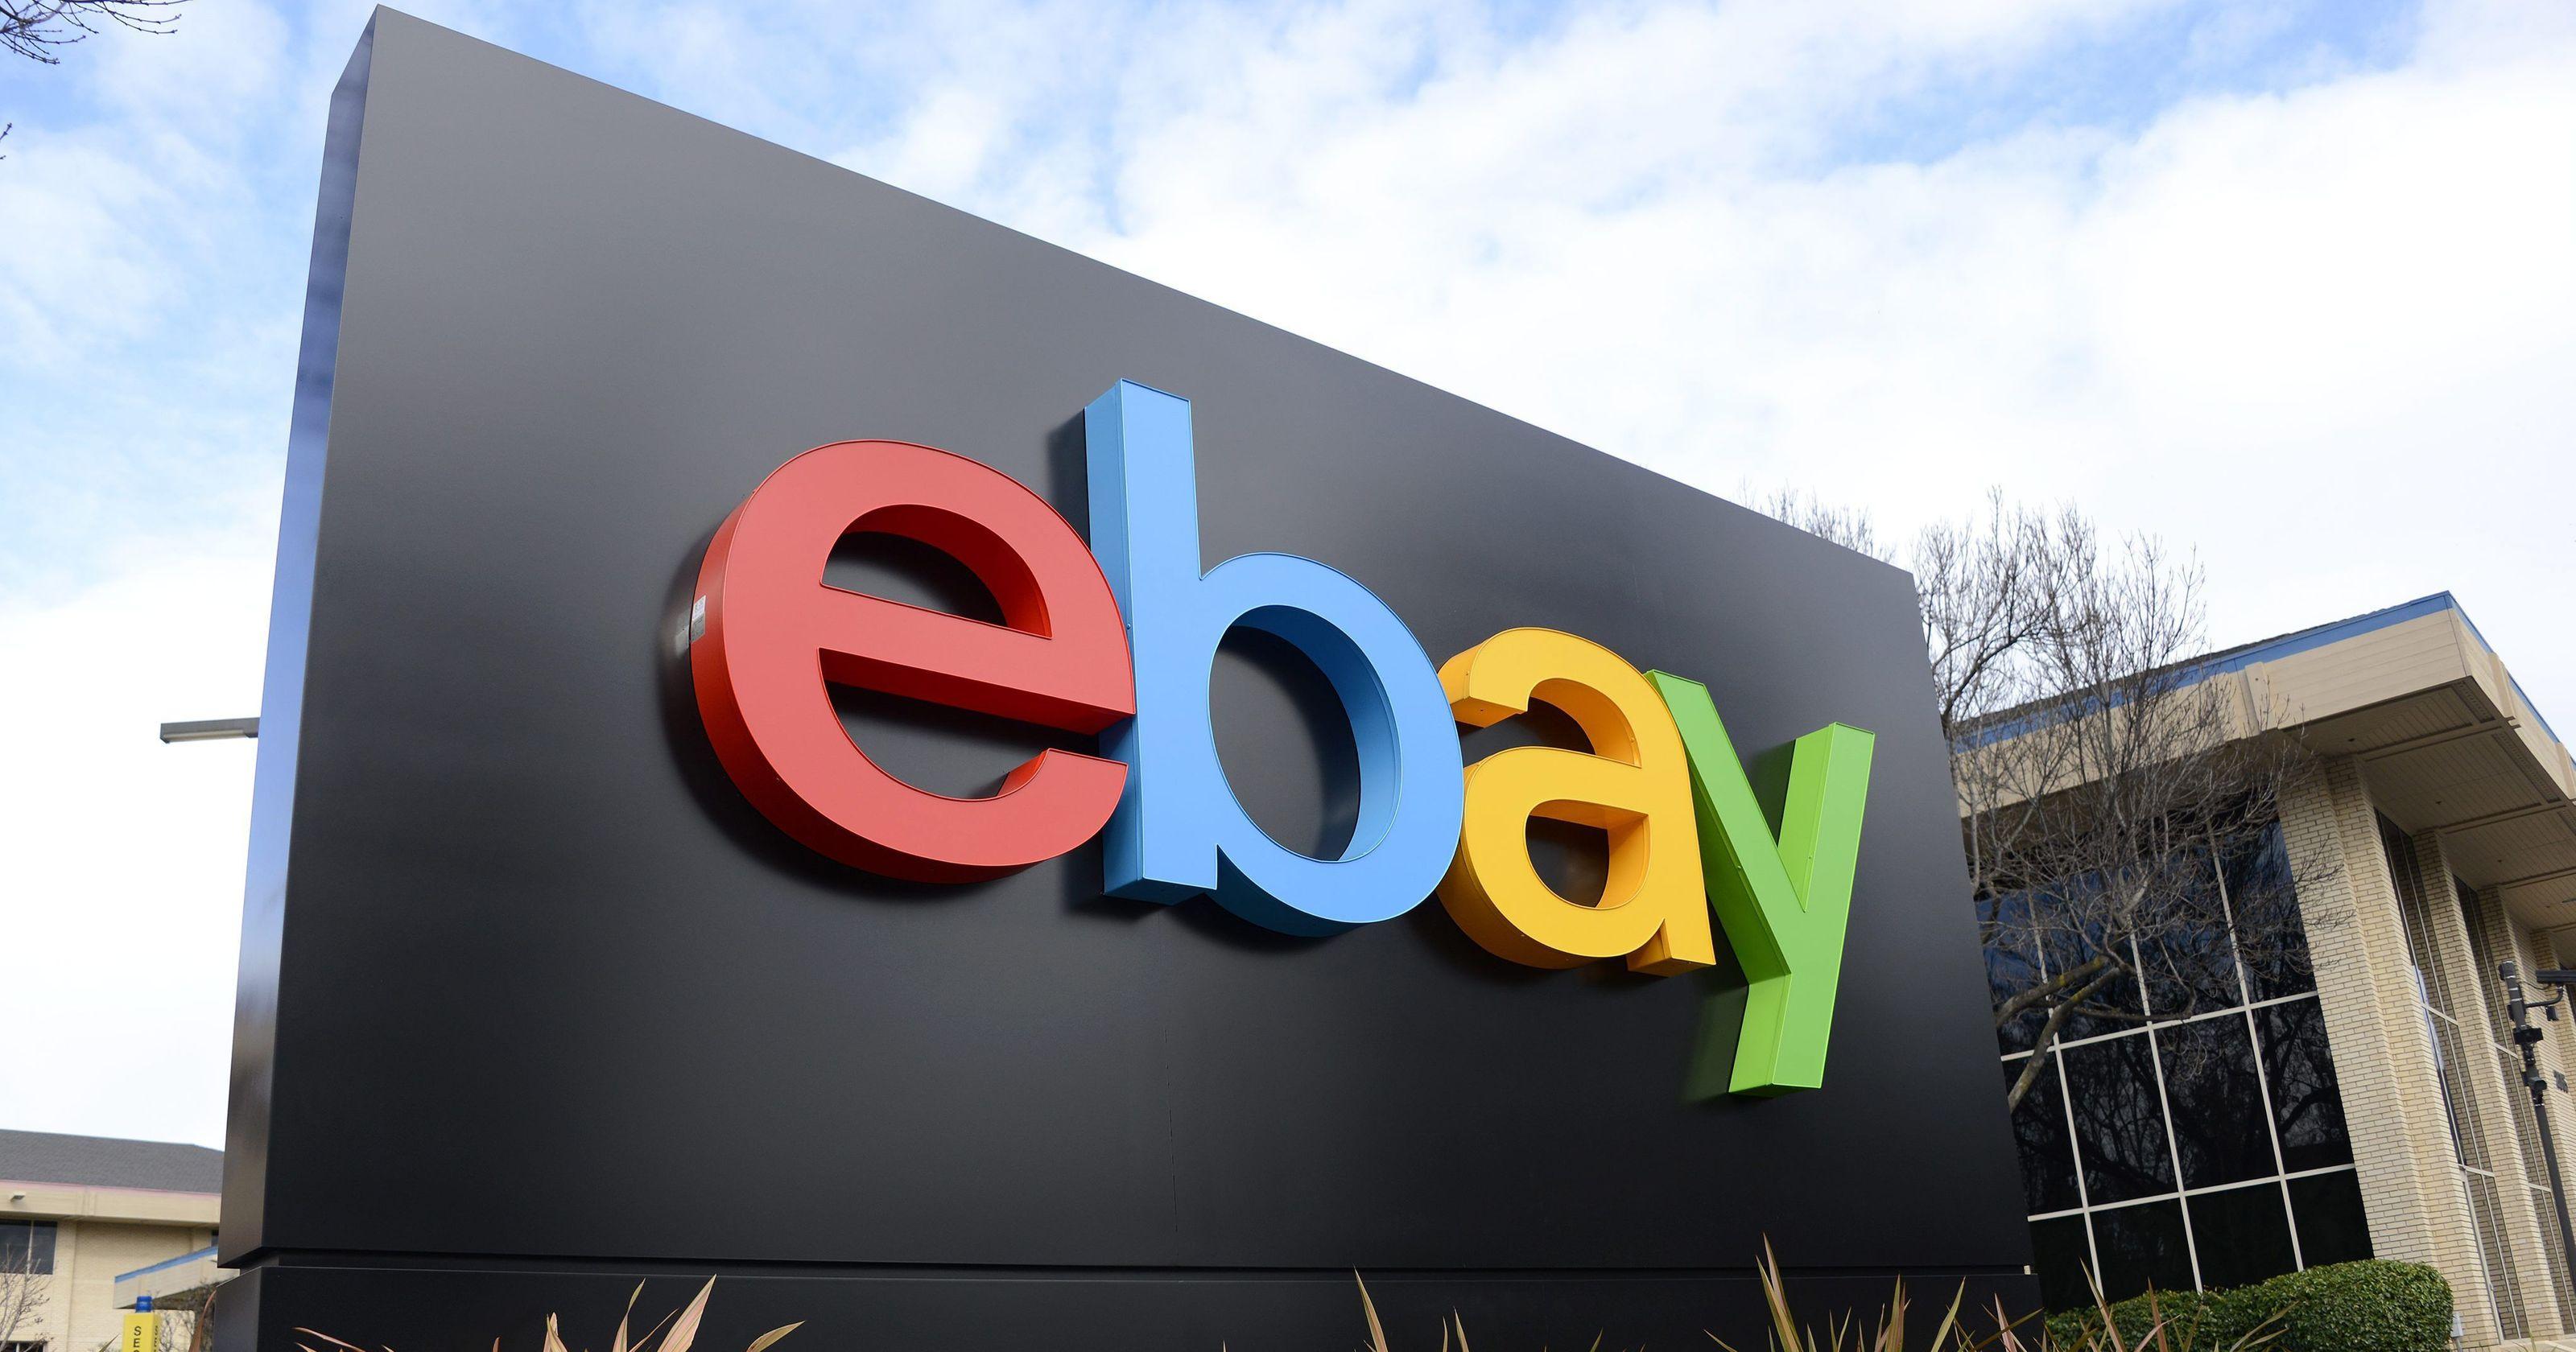 why ebay?